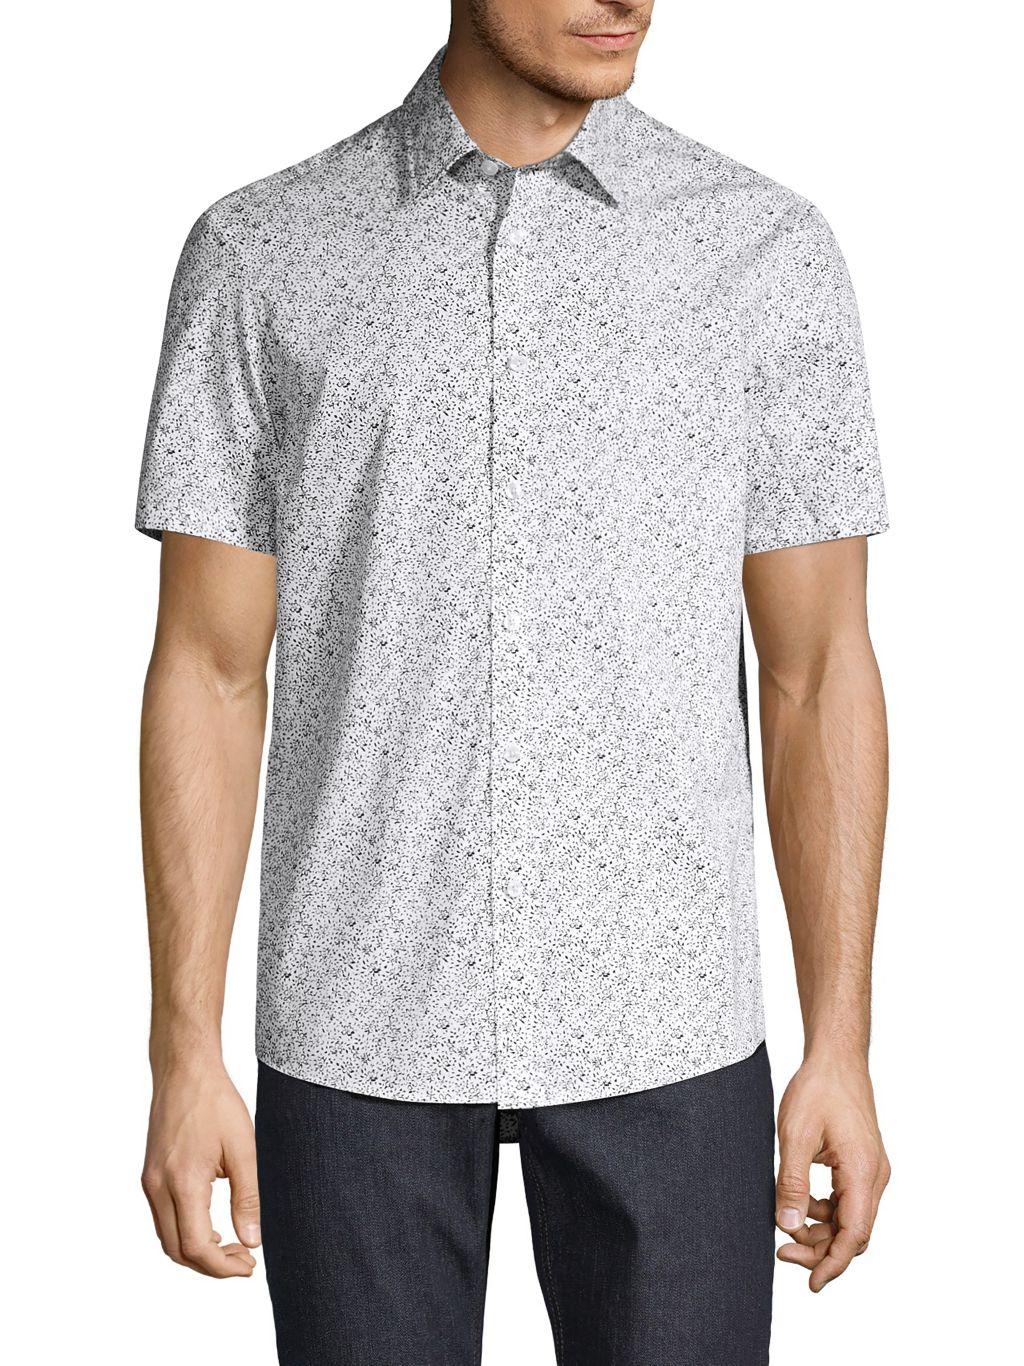 Michael Kors Edan Classic-Fit Floral Cotton Shirt